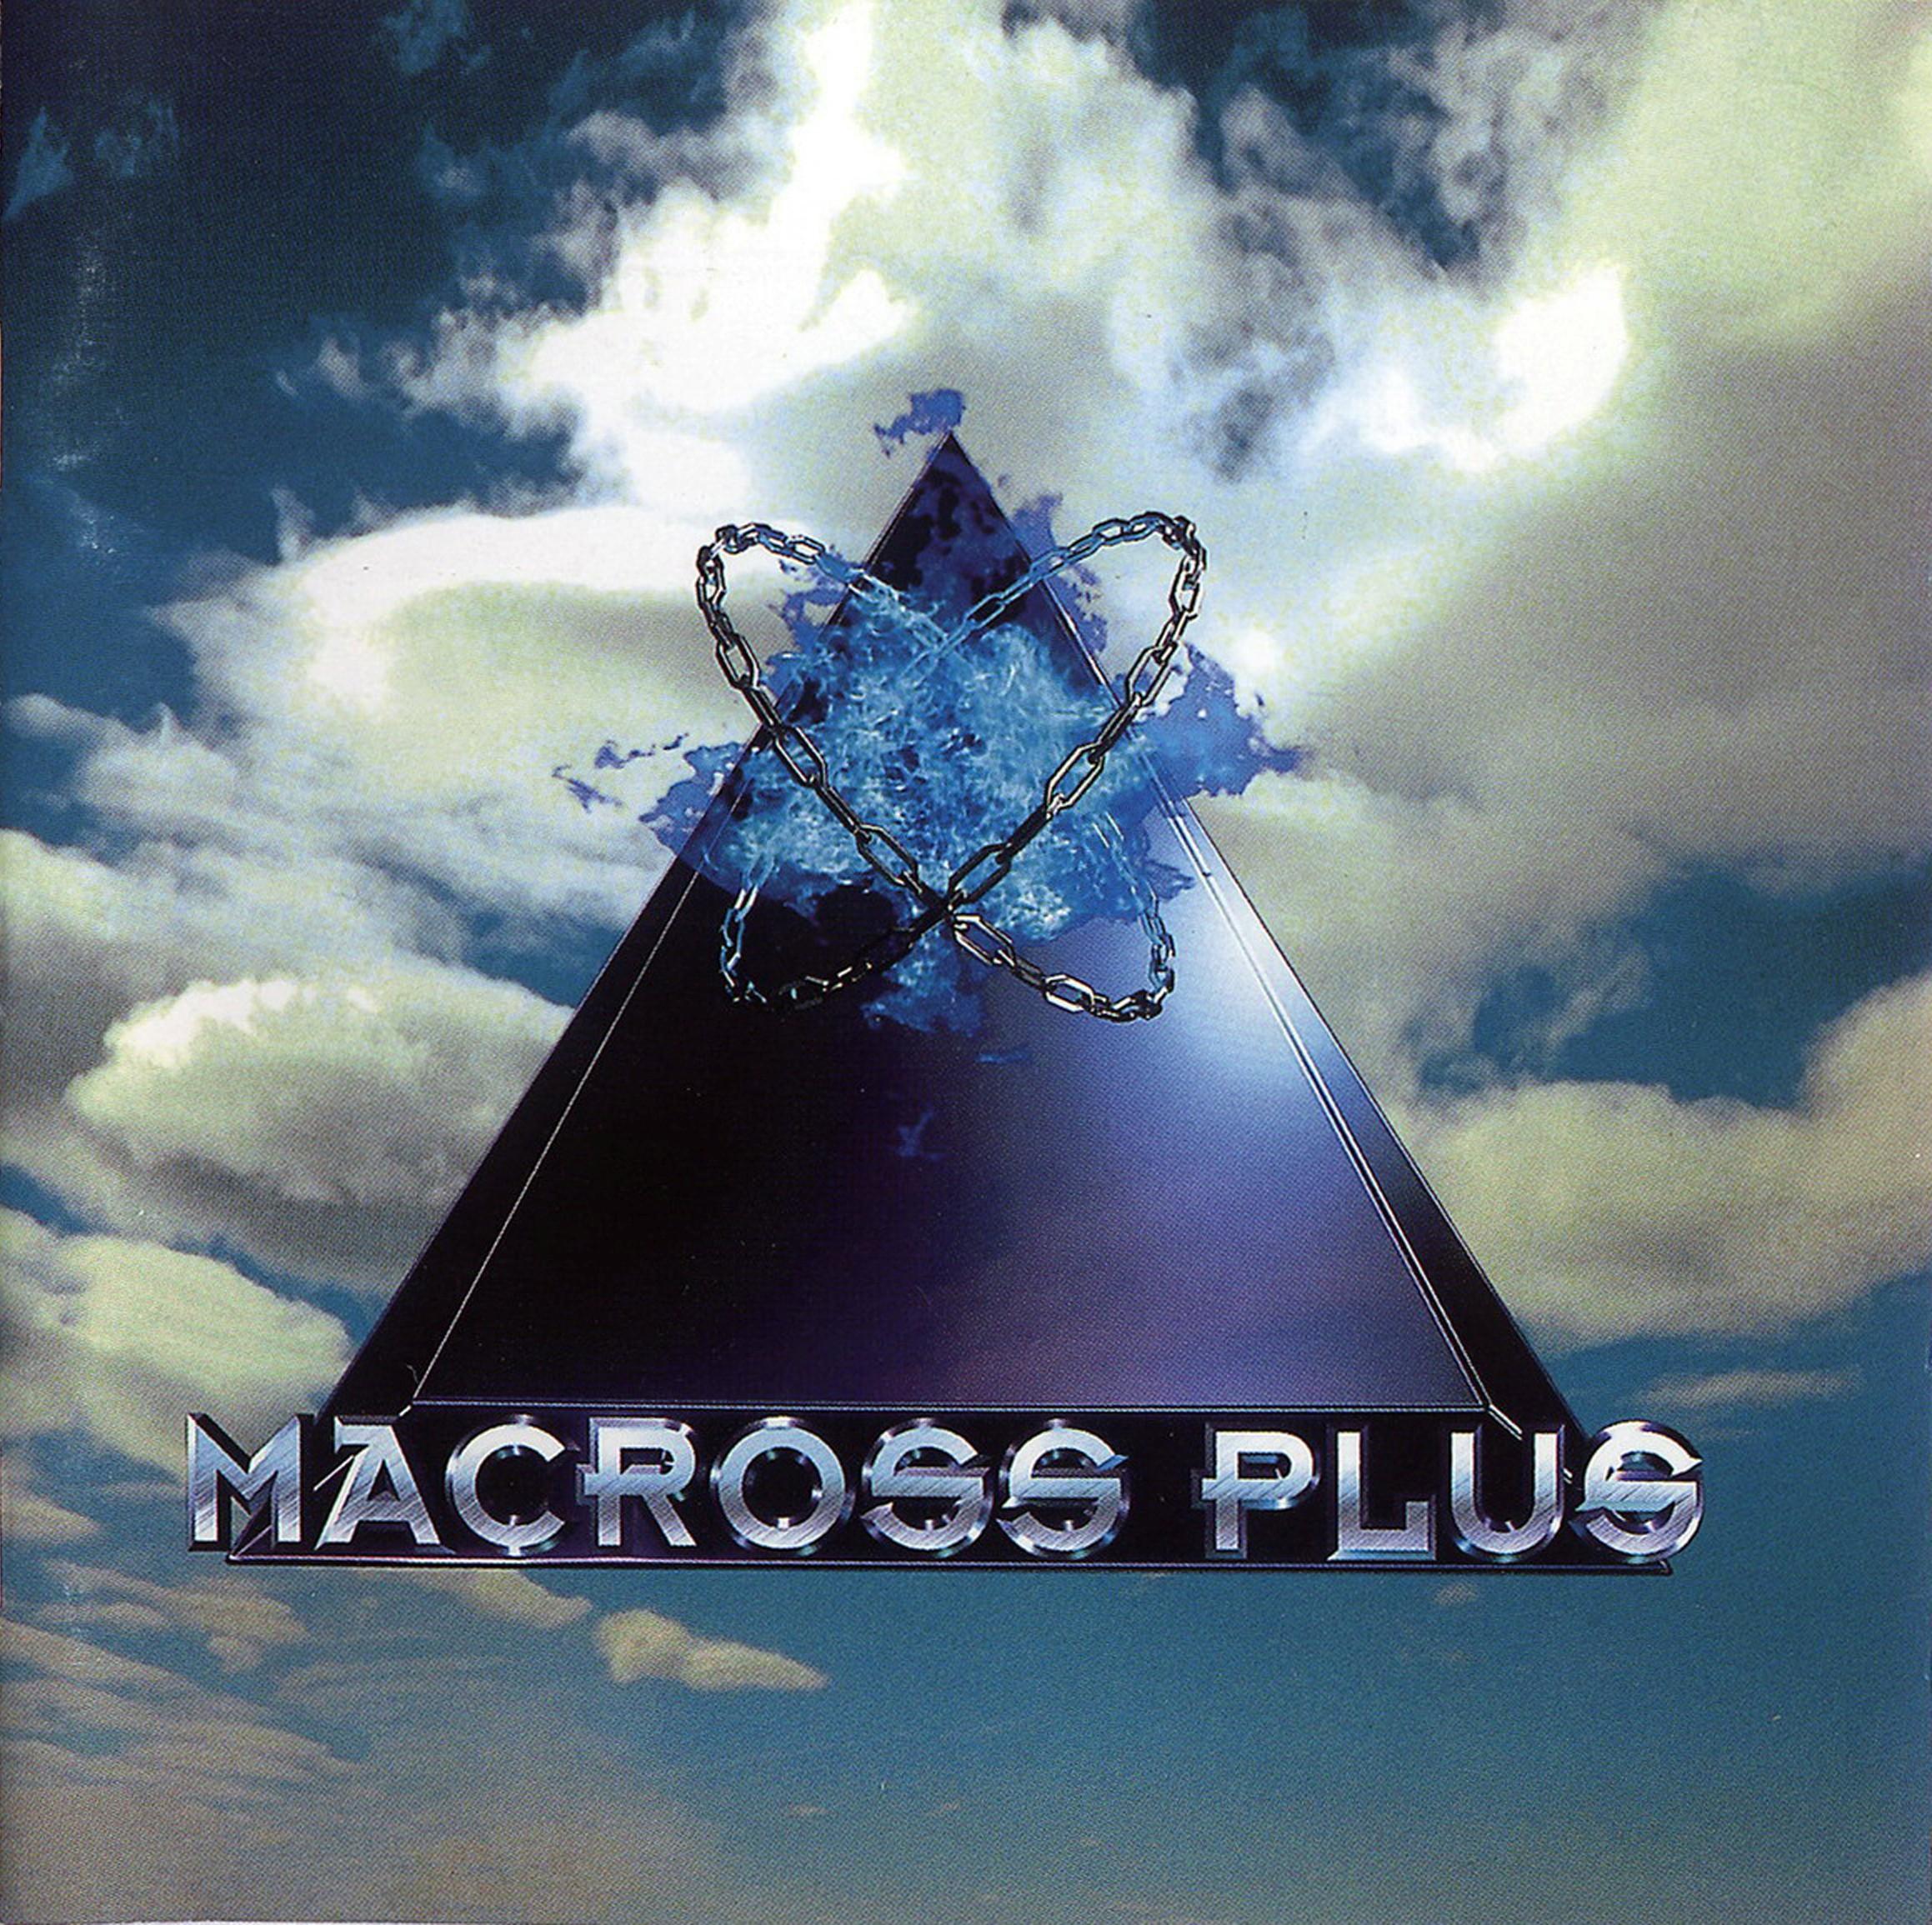 菅野よう子  (Yoko Kanno) – Macross Plus Original Sound Track [FLAC / 24bit Lossless / WEB]  [1994.10.21]